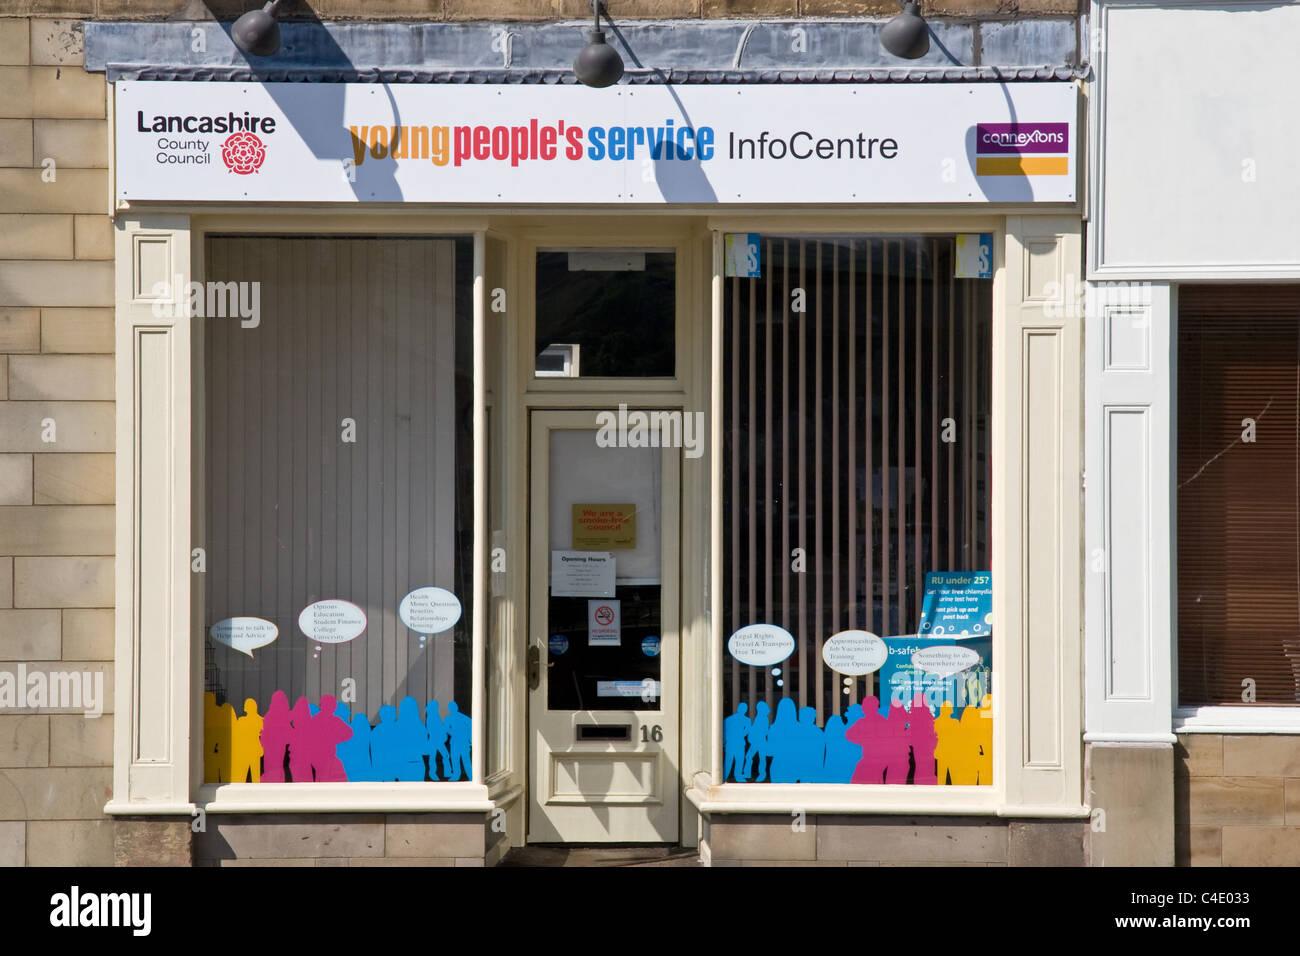 Junge Menschen betreuen Infocentre, Colne, Lancashire, UK. Lancashire County Council / Connexions. Stockbild